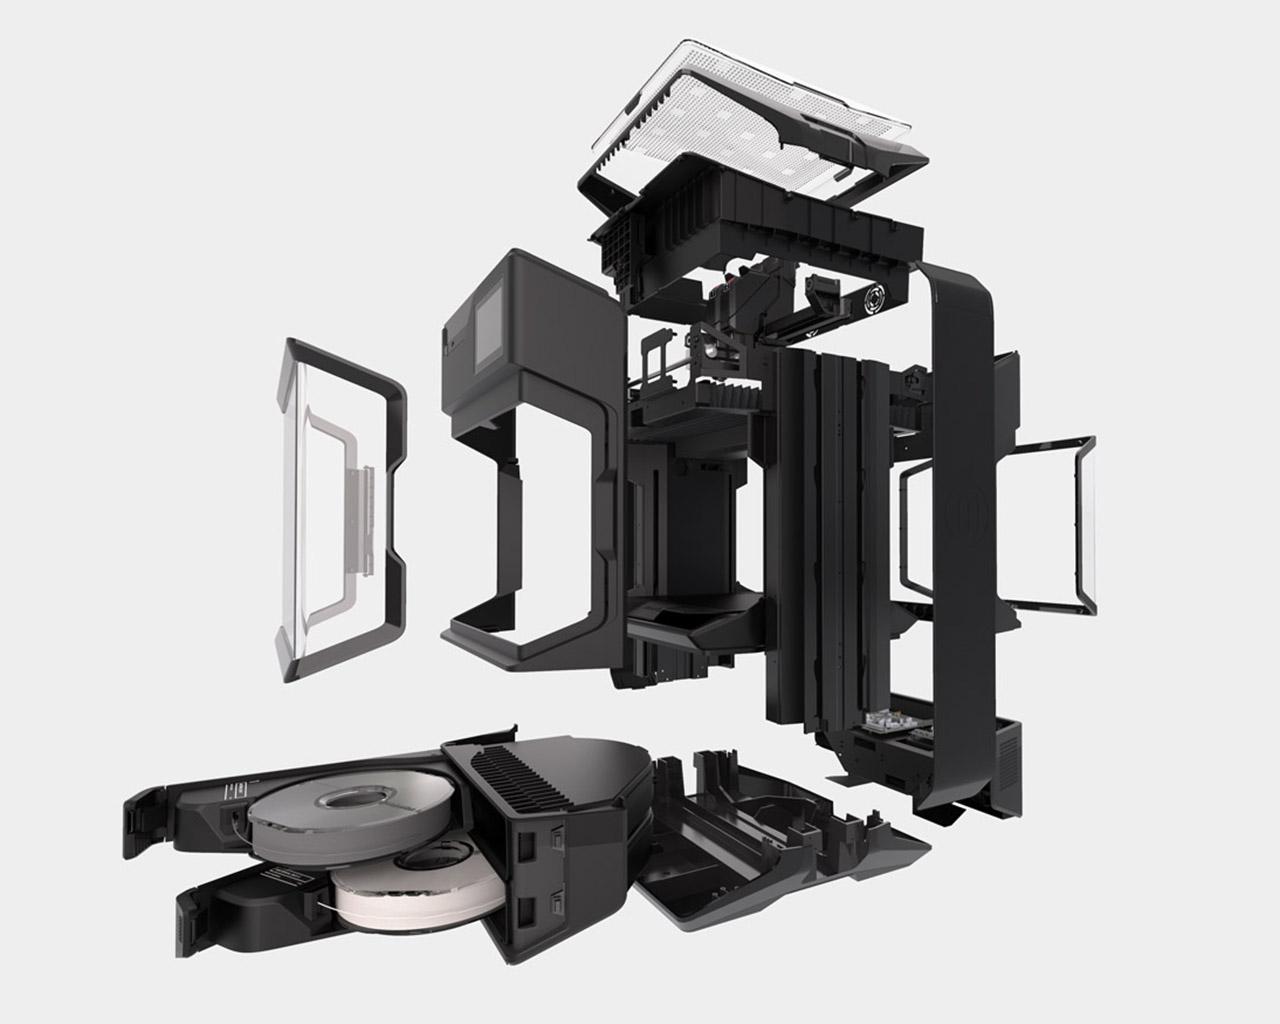 Teiledarstellung des MakerBot Method